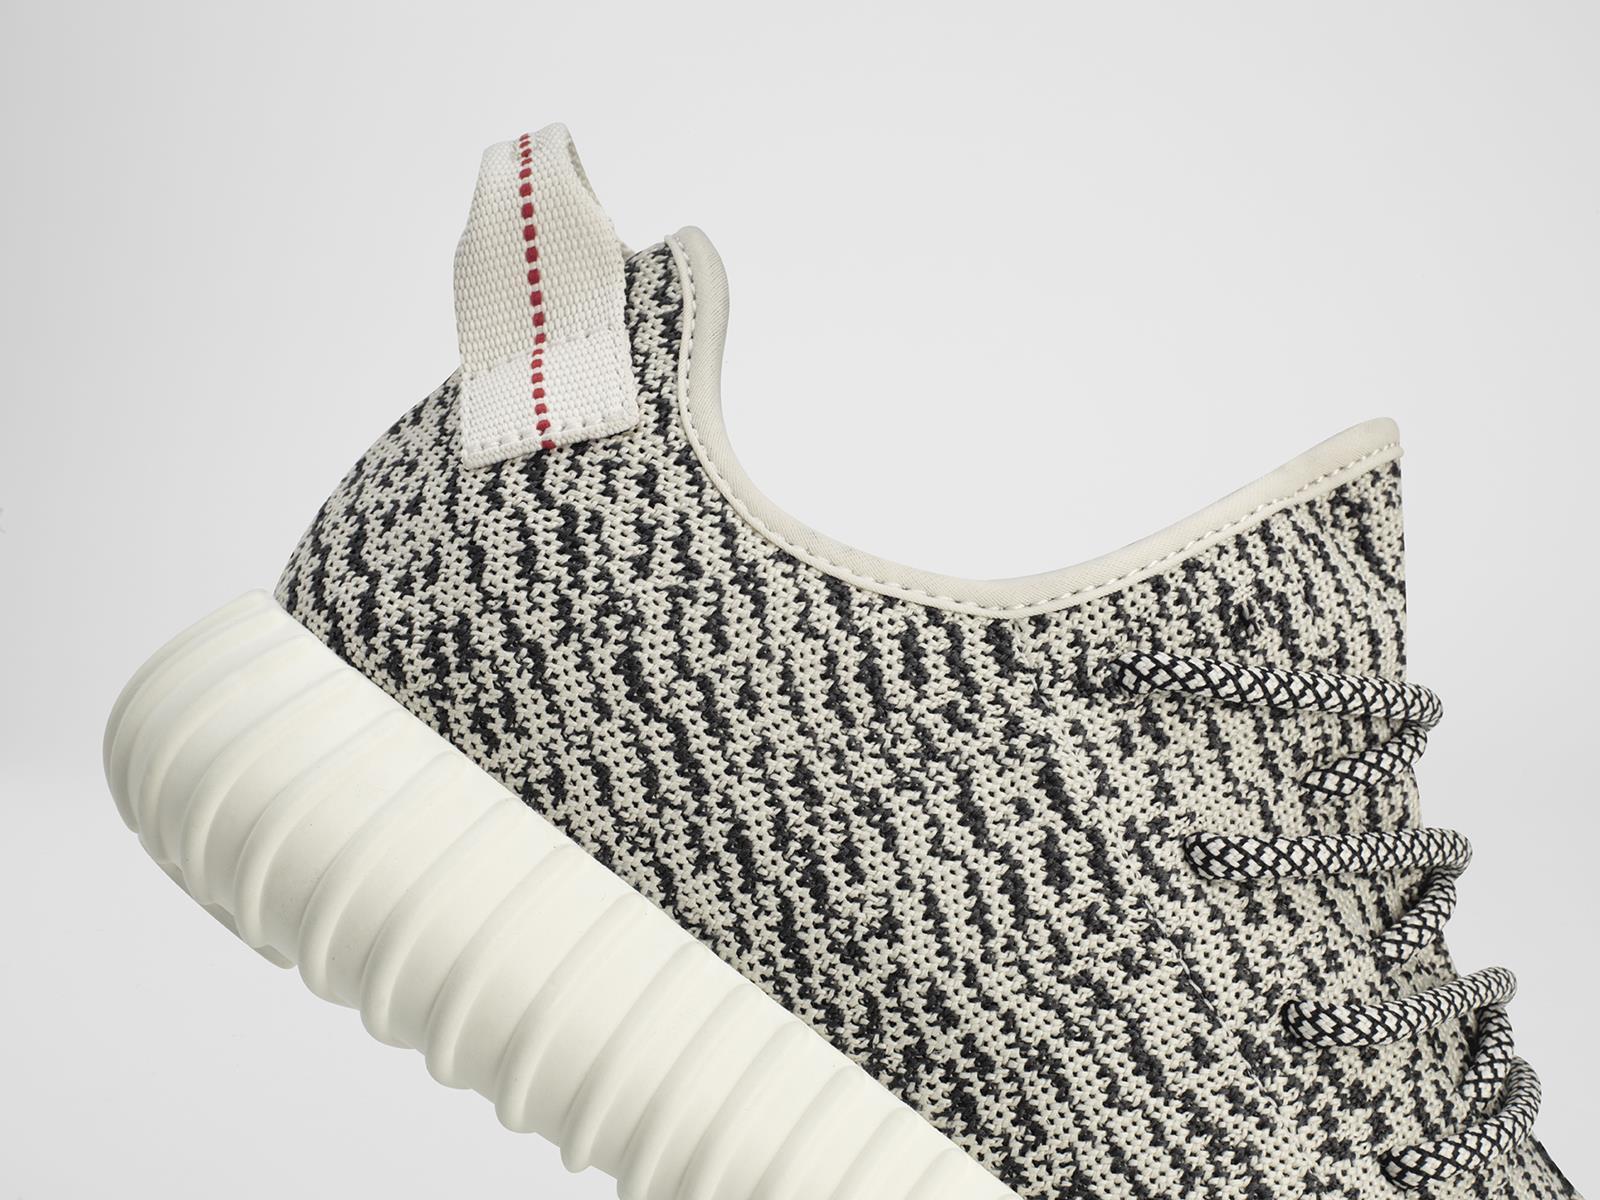 adidas Yeezy Boost 350 prezzo